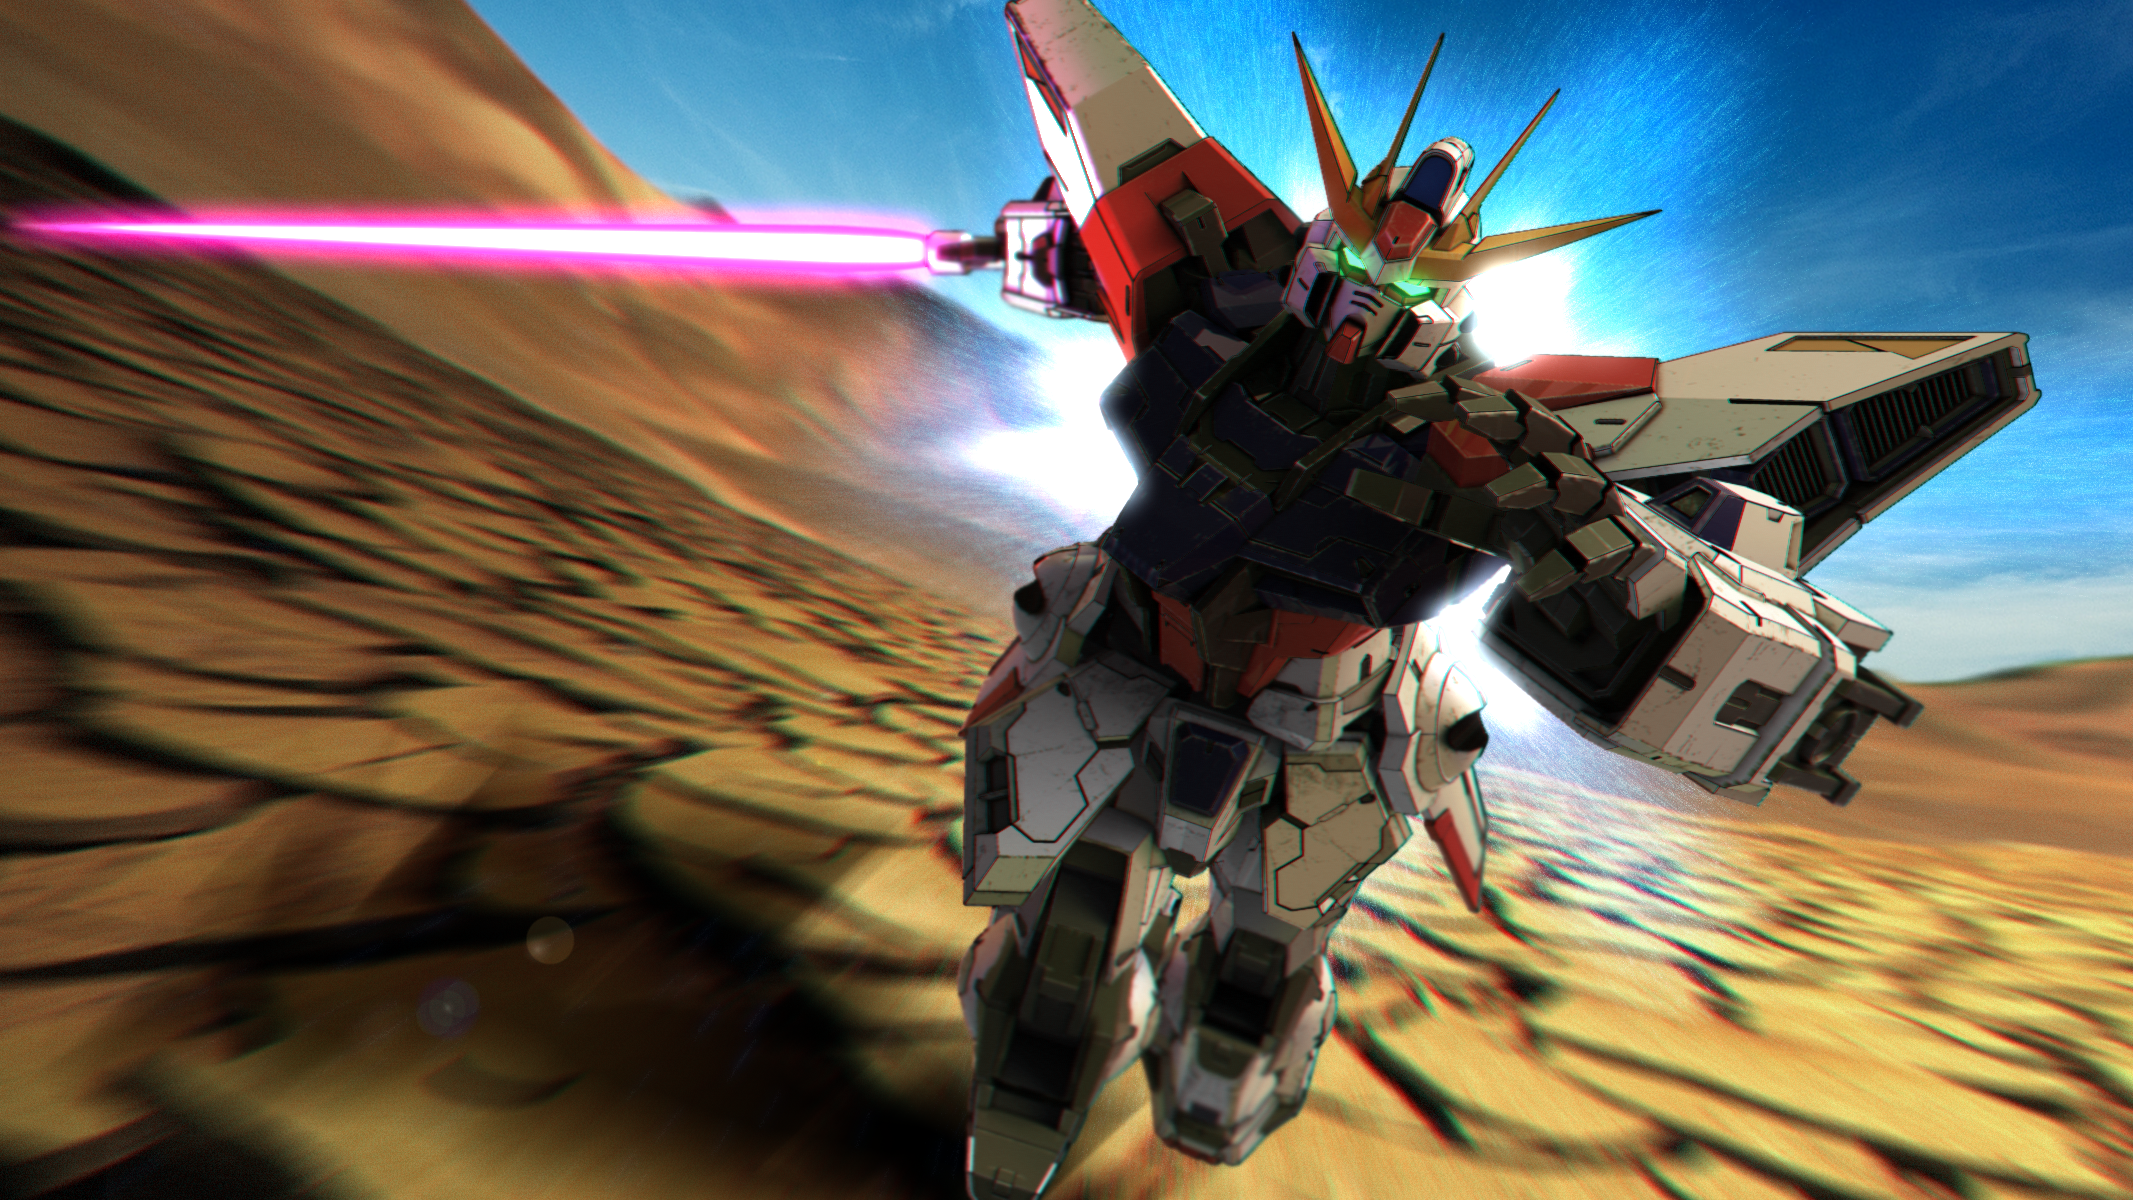 DeviantArt: More Like BG-011B Build Burning Gundam Wallpaper by